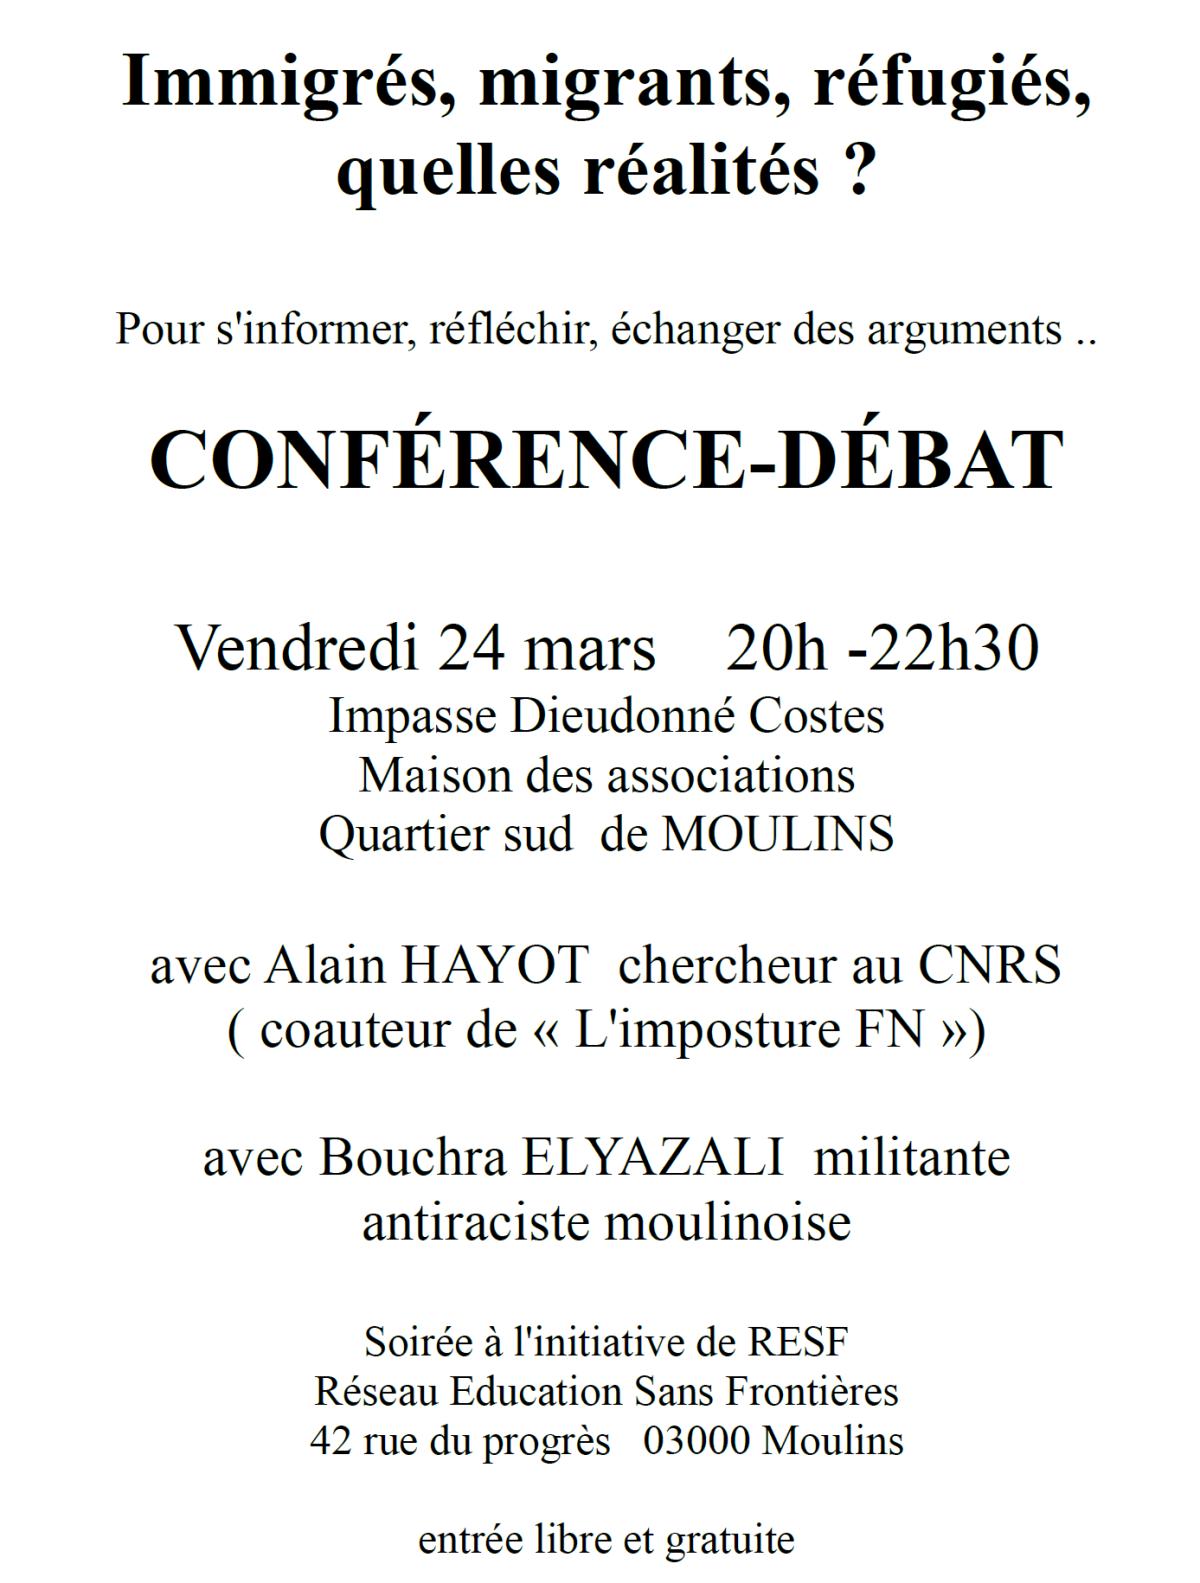 RESF organise une soirée contre le racisme et l'antisémitisme à Moulins